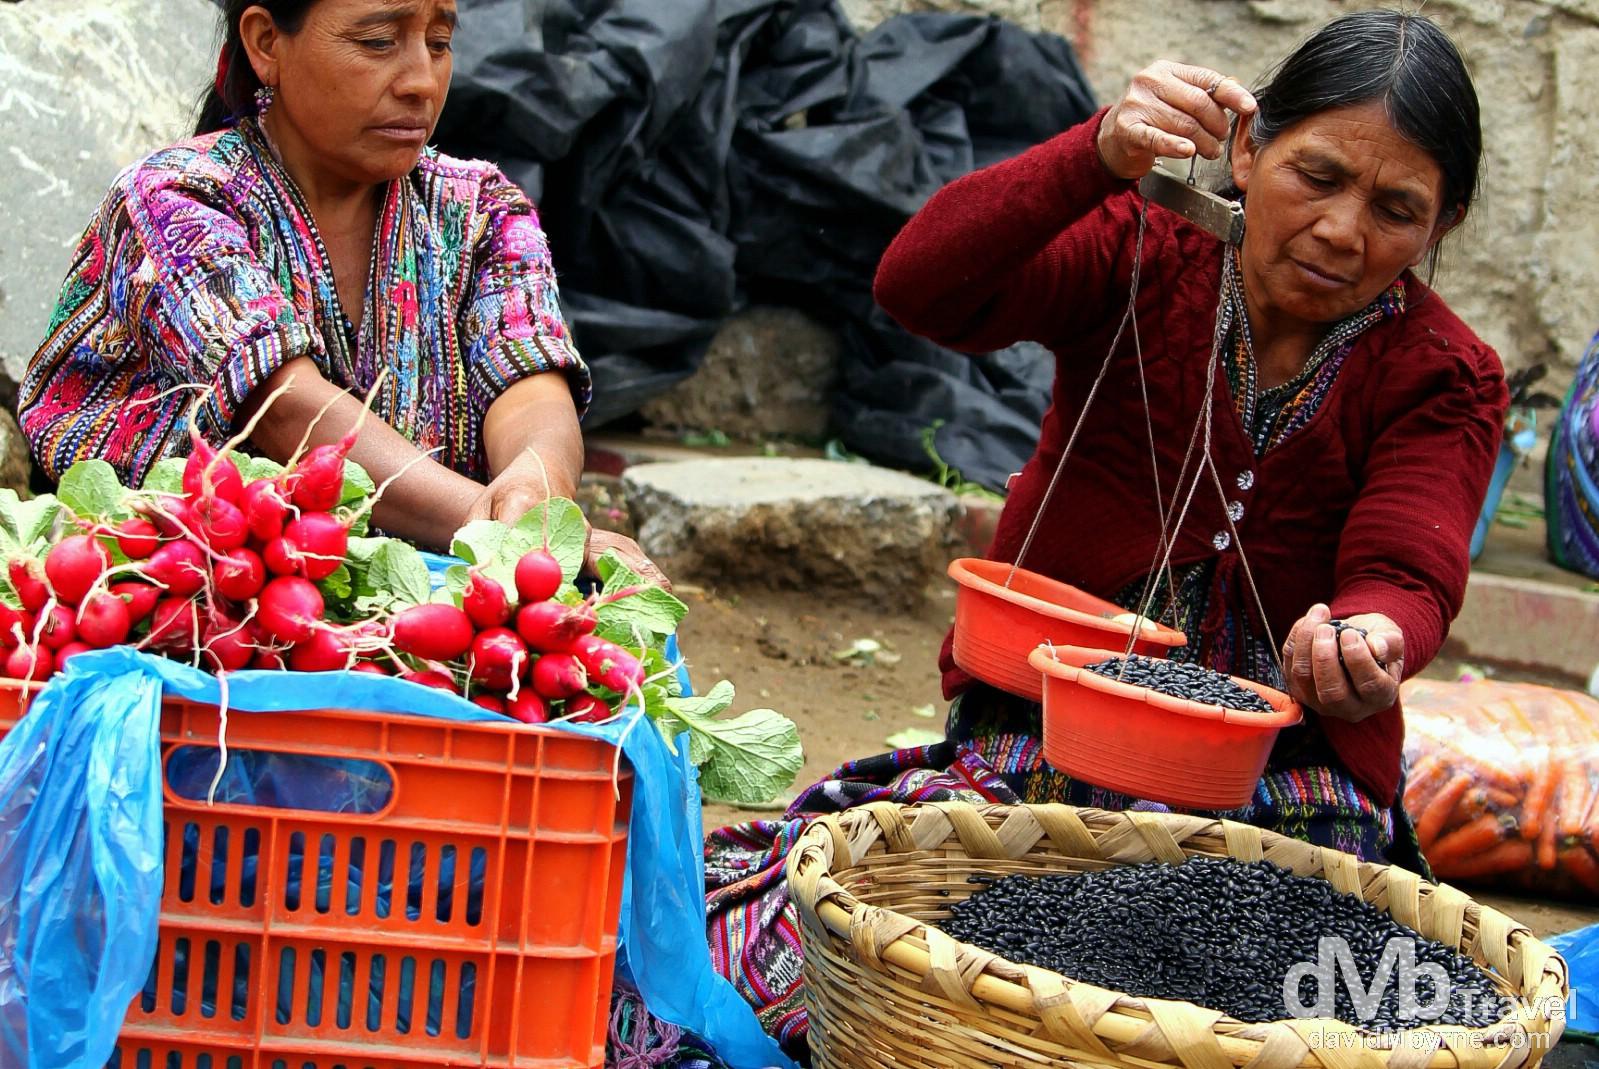 Solola, Guatemala, Central America